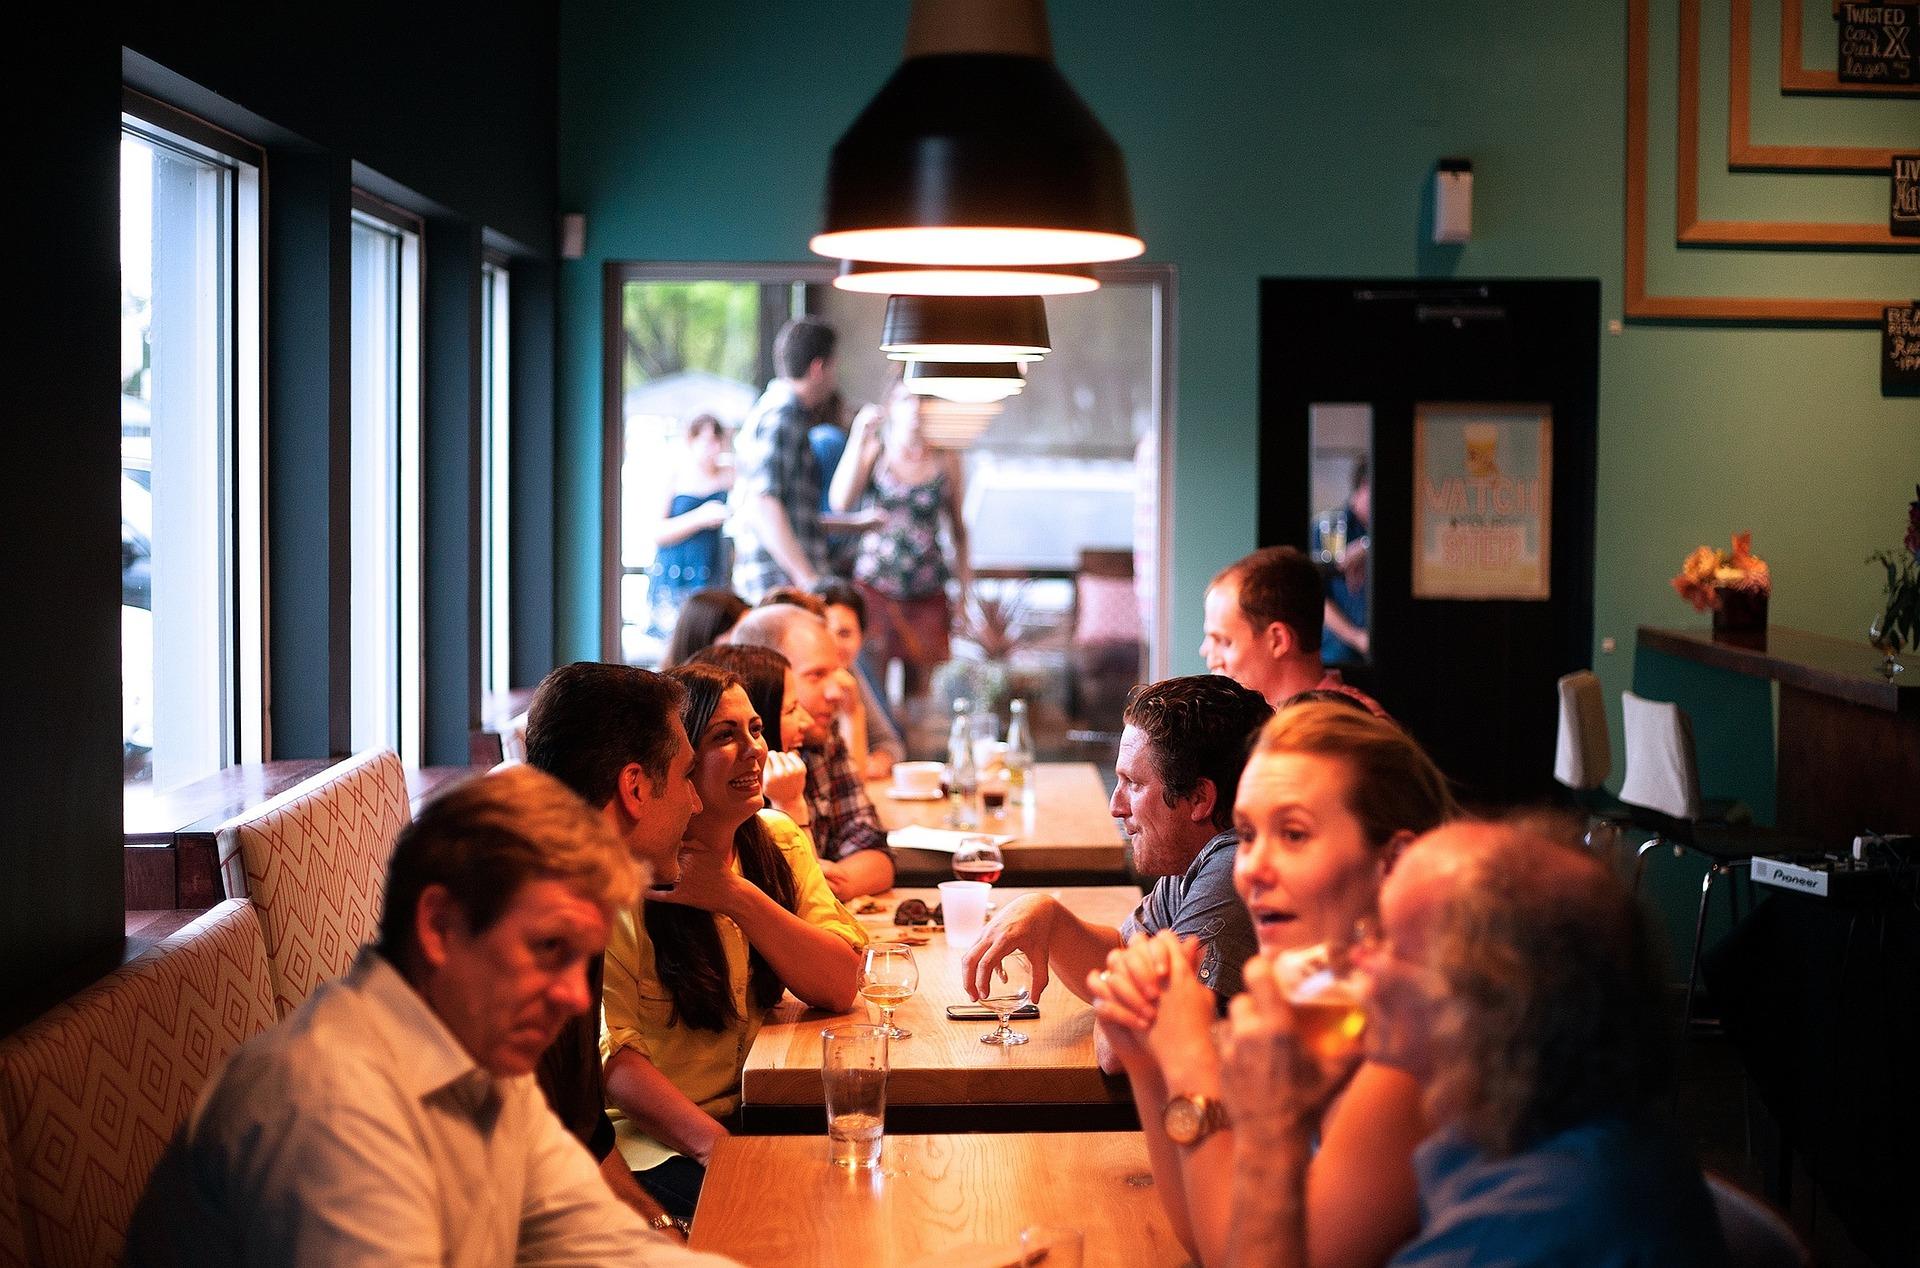 """Clienţi daţi afară din restaurant pentru că purtau măşti: """"Regula face parte din codul vestimentar al localului"""""""